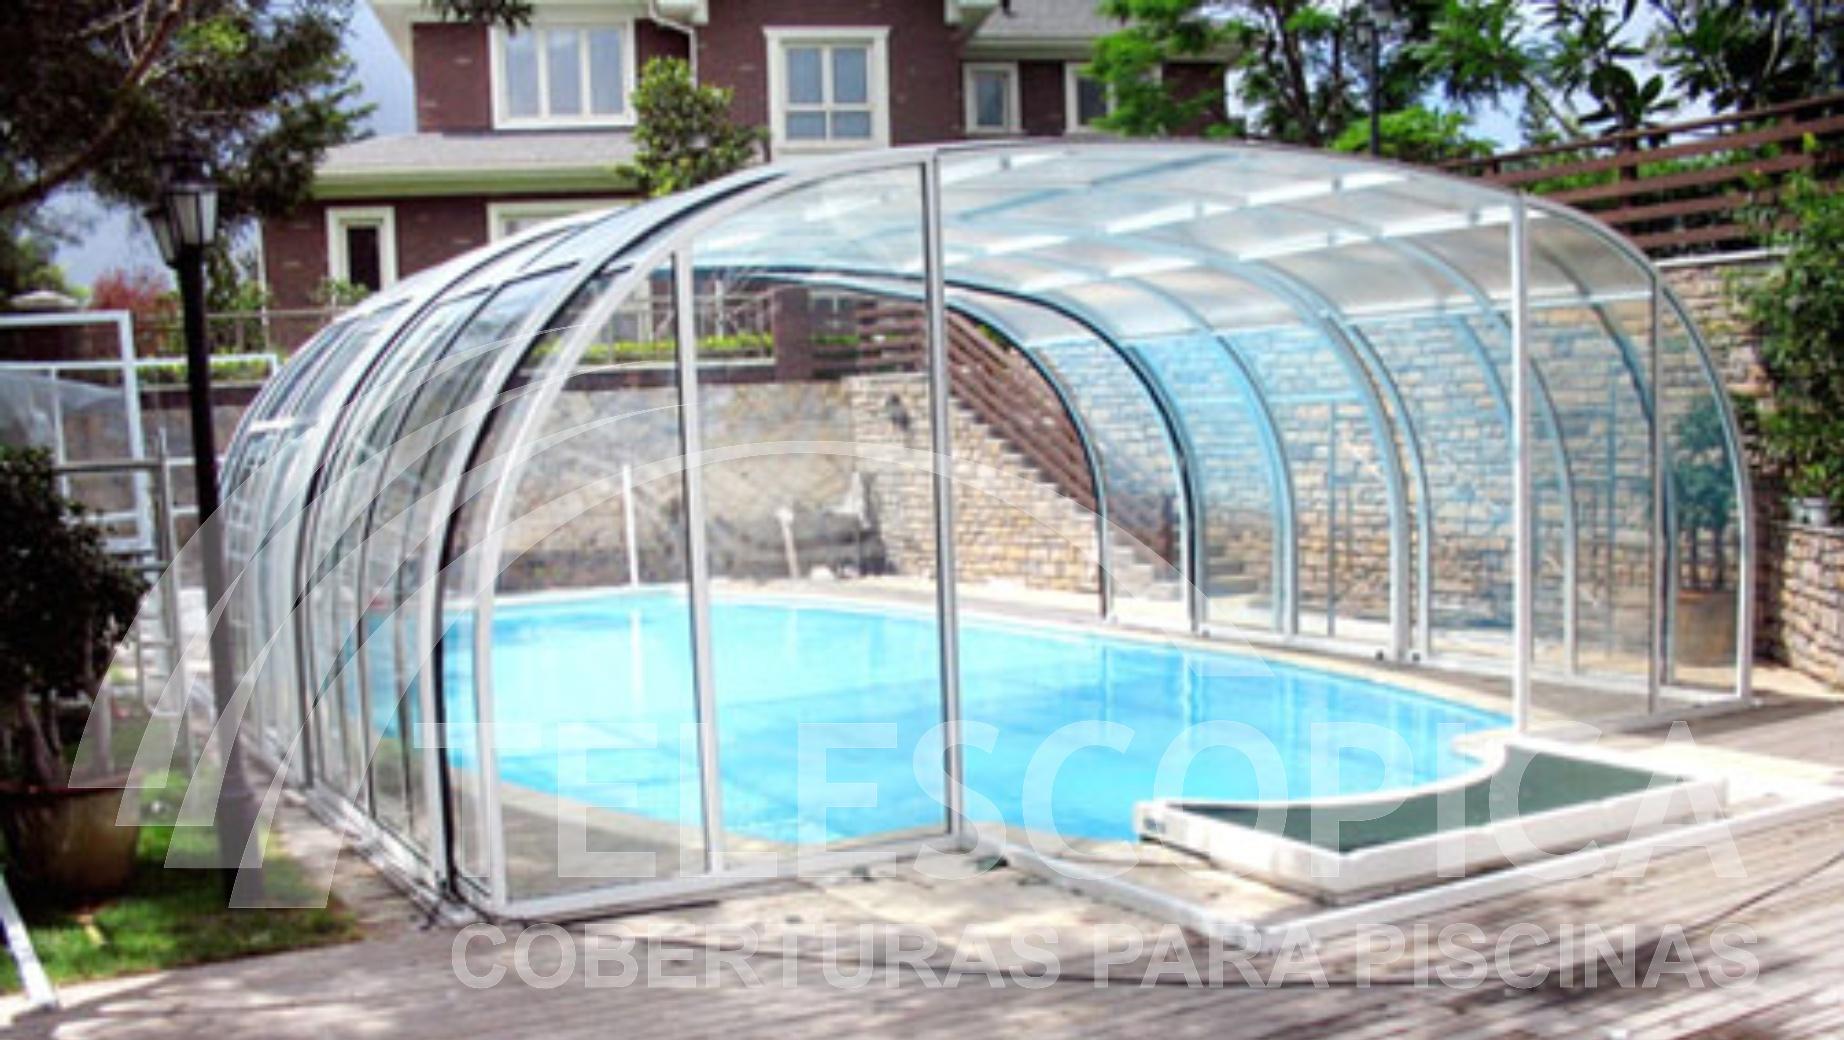 Cobertura piscina for Coberturas para piscinas